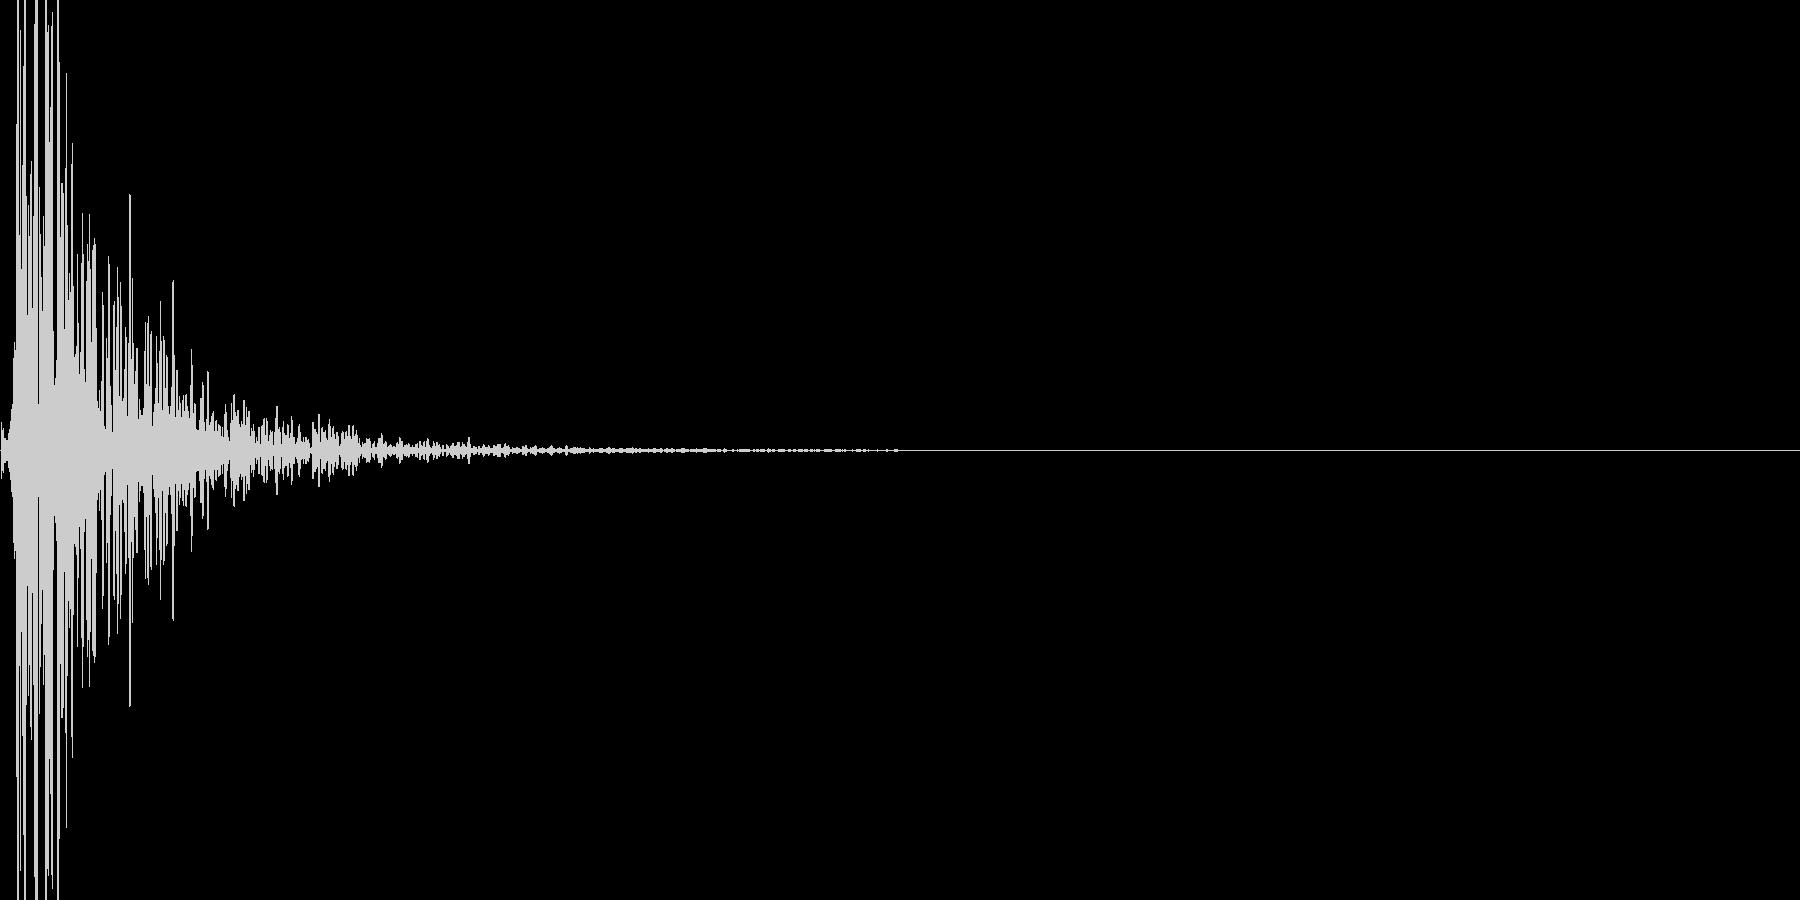 浴槽ハンマーヒットダンプニングの未再生の波形